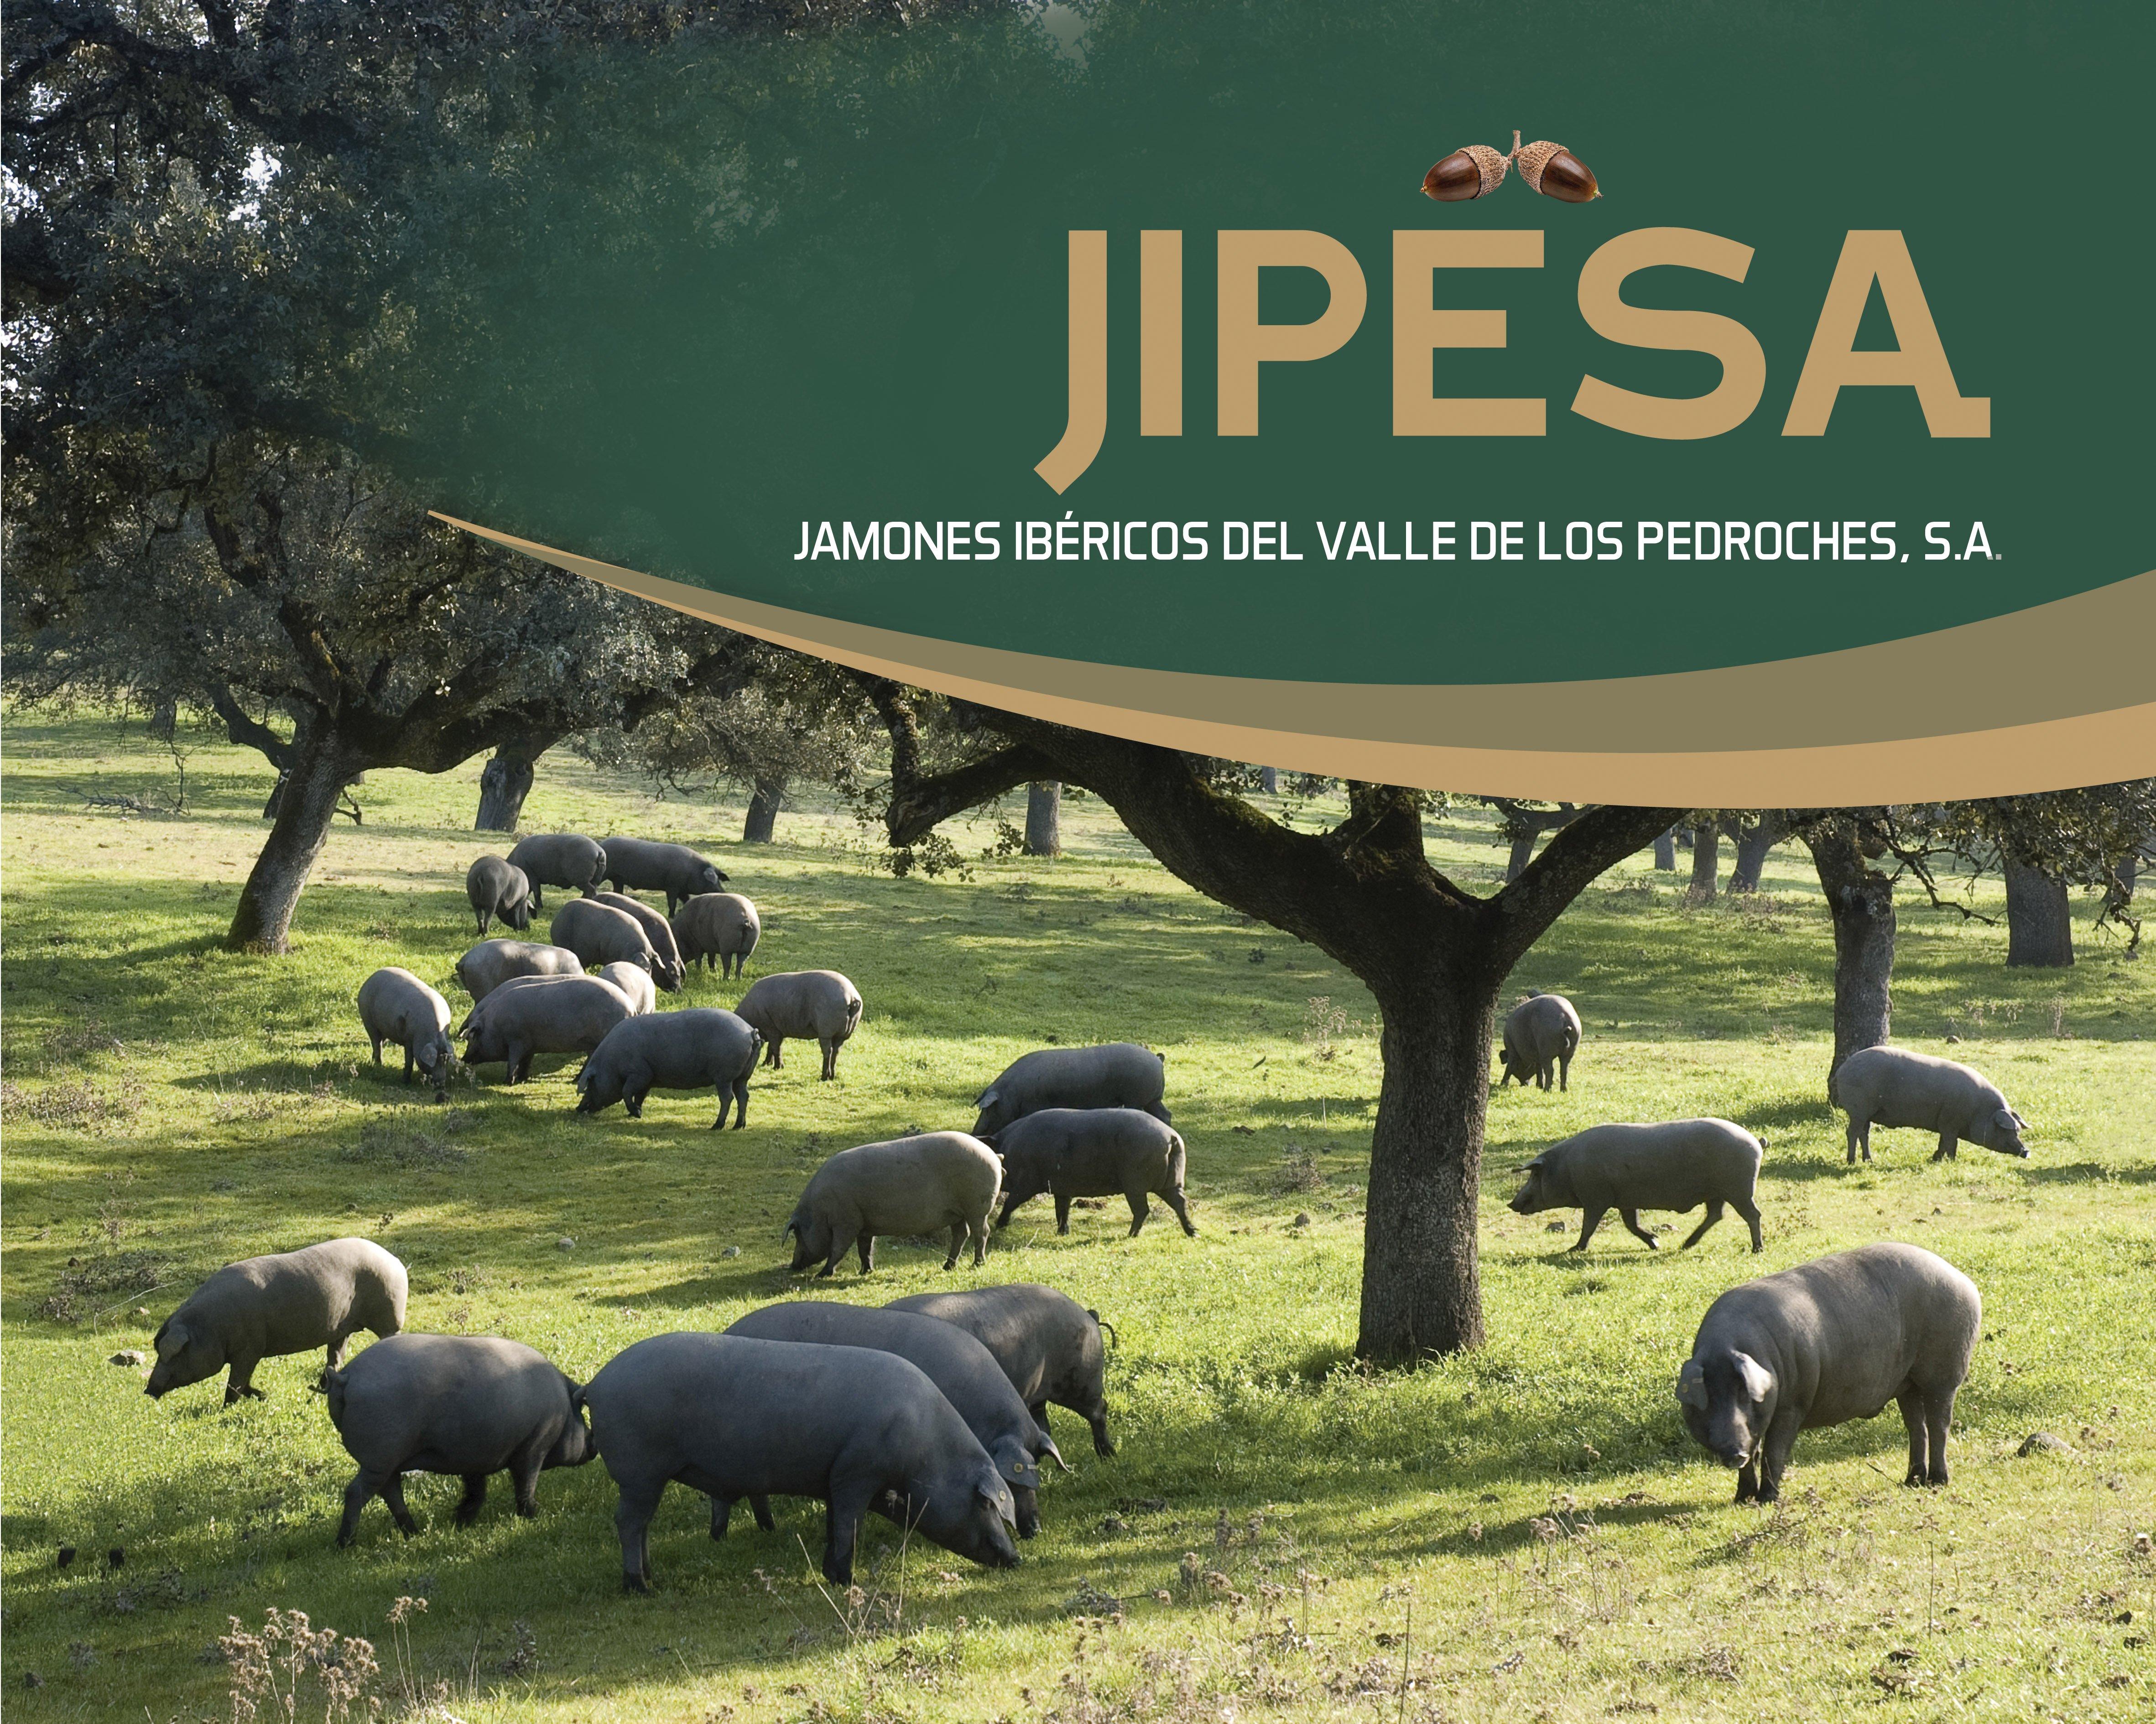 JIPESA - El sabor de Los Pedroches